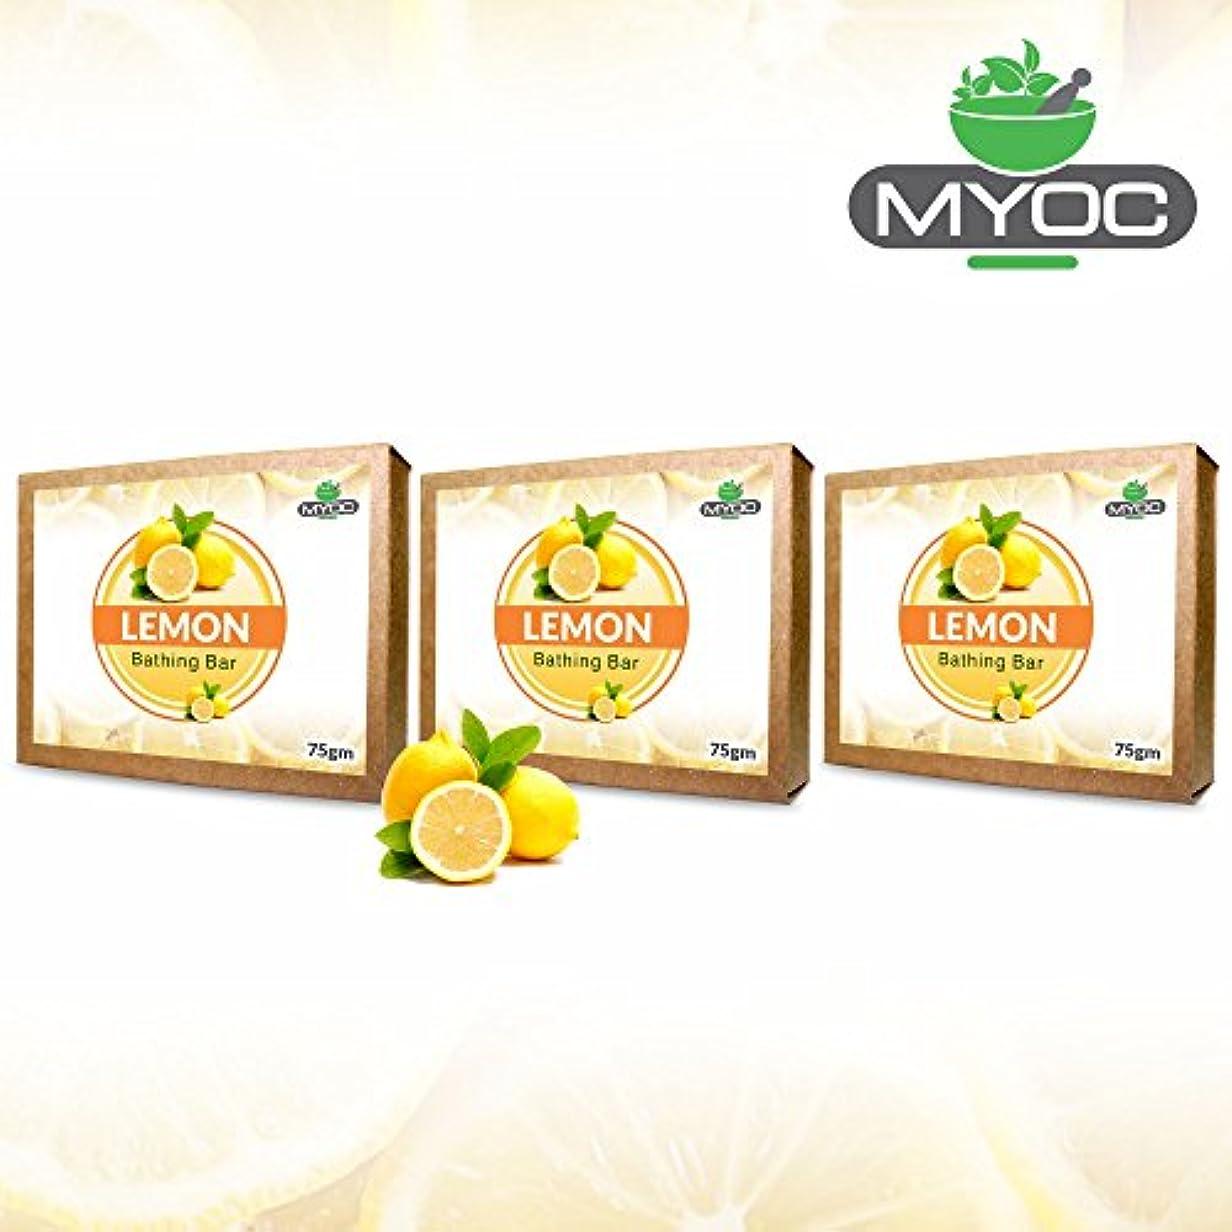 トピック要件自信があるLemon Oil And Vitamin E Astringent Soap, deodorant, antiseptic soap for clogged pores and acne prone skin 75g...